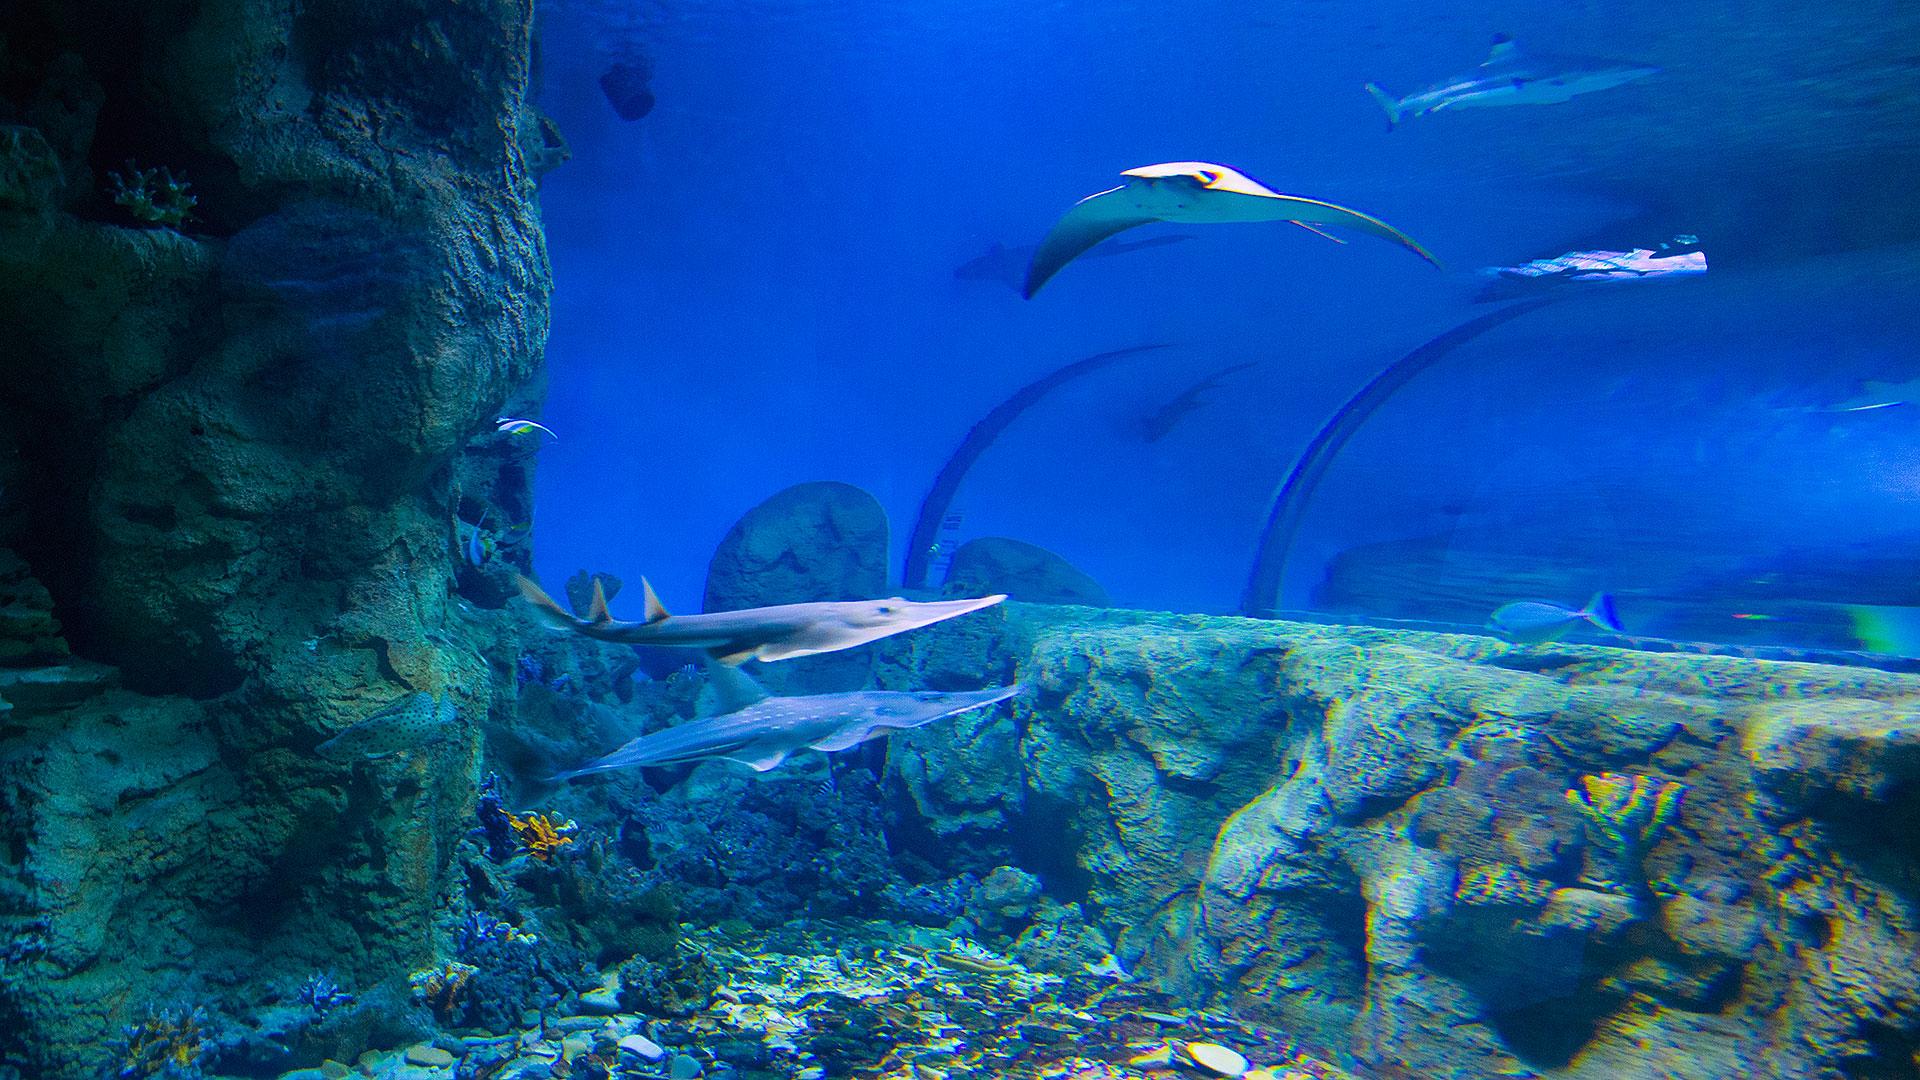 проживания, санатории картинки на рабочий стол подводный мир океана офф-роуда готовят, либо